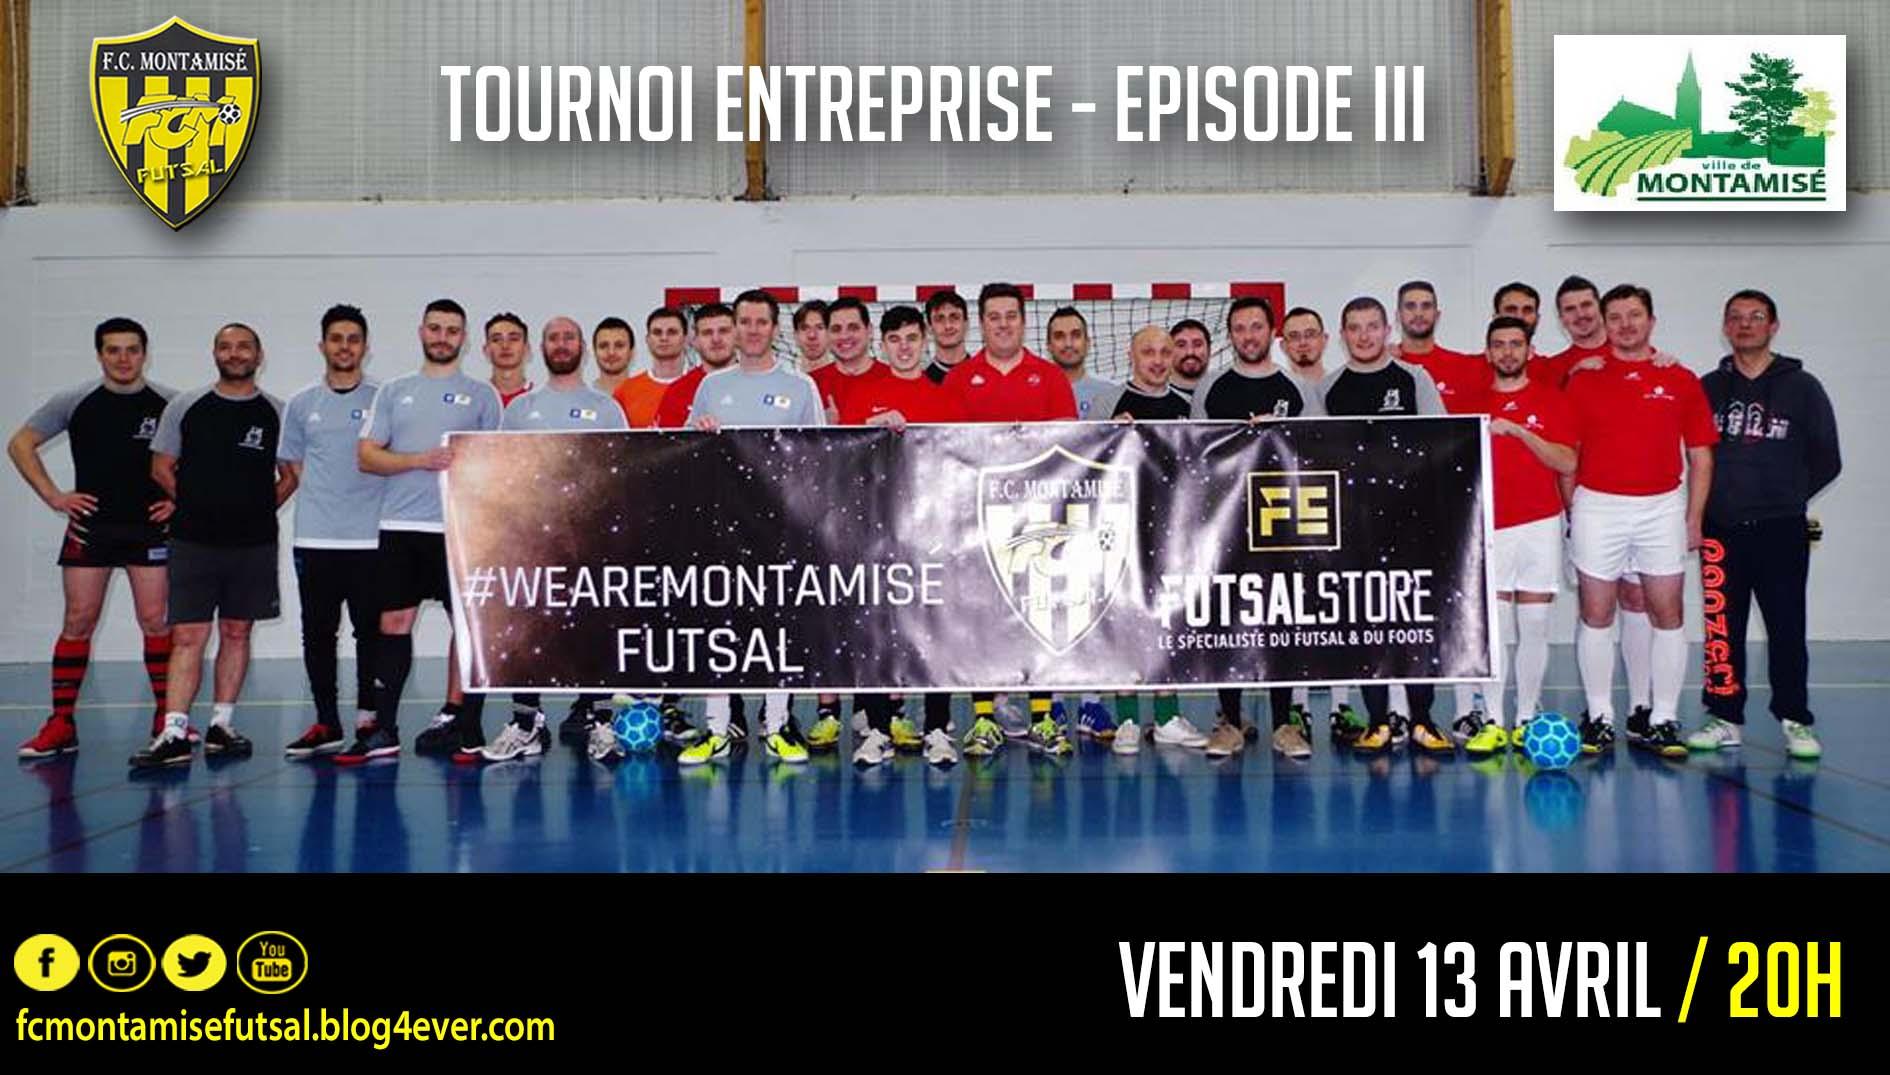 FC Montamisé Futsal - Tournoi Entreprise III.jpg